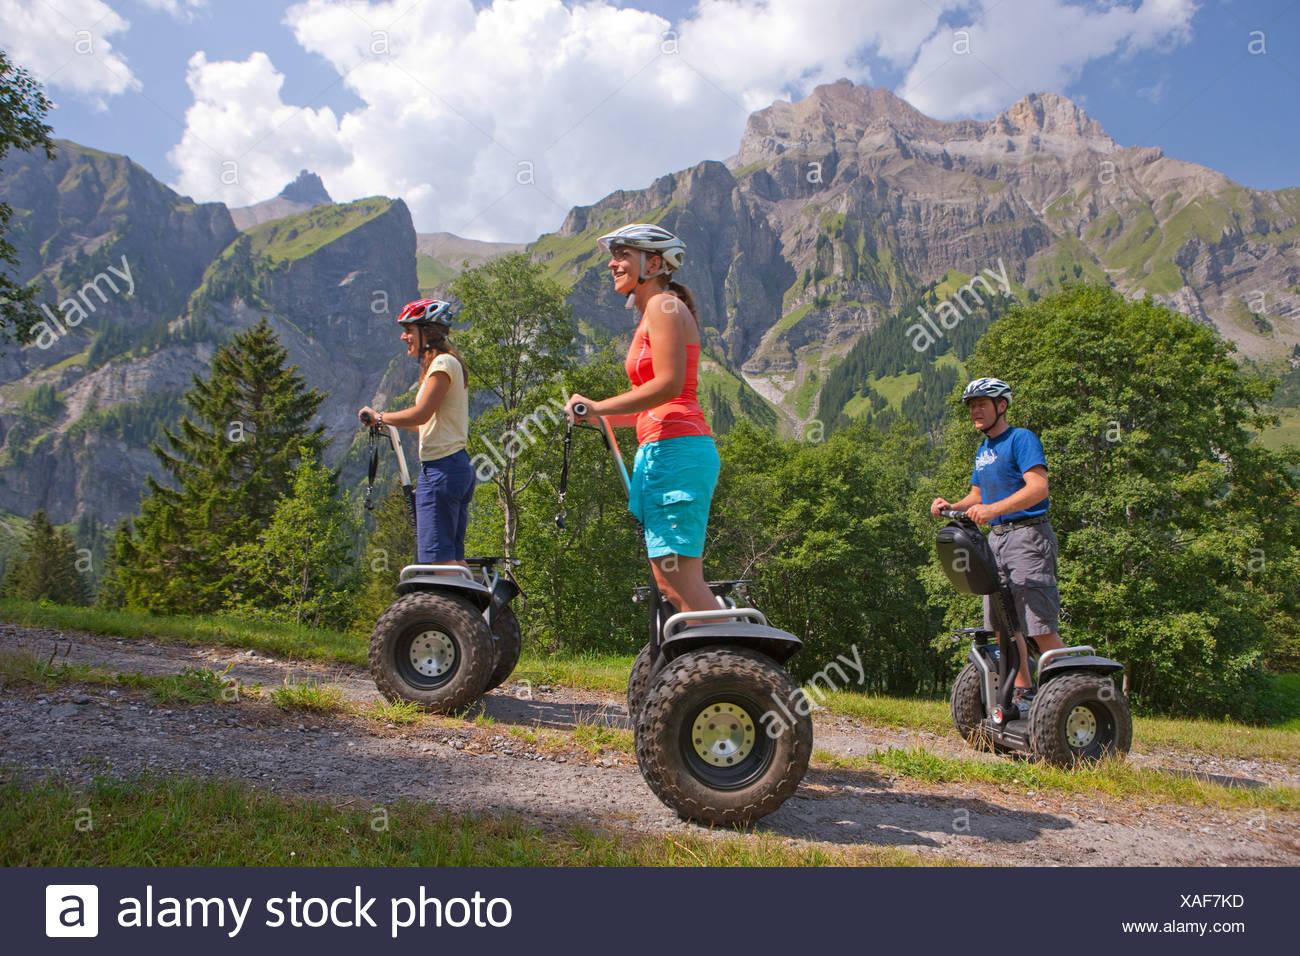 Segway, deux-roues, véhicule, transporteur personnel, dur, Adelboden, sentier, randonnée pédestre, randonnée, trekking, cantons, Berne, Oberland Photo Stock